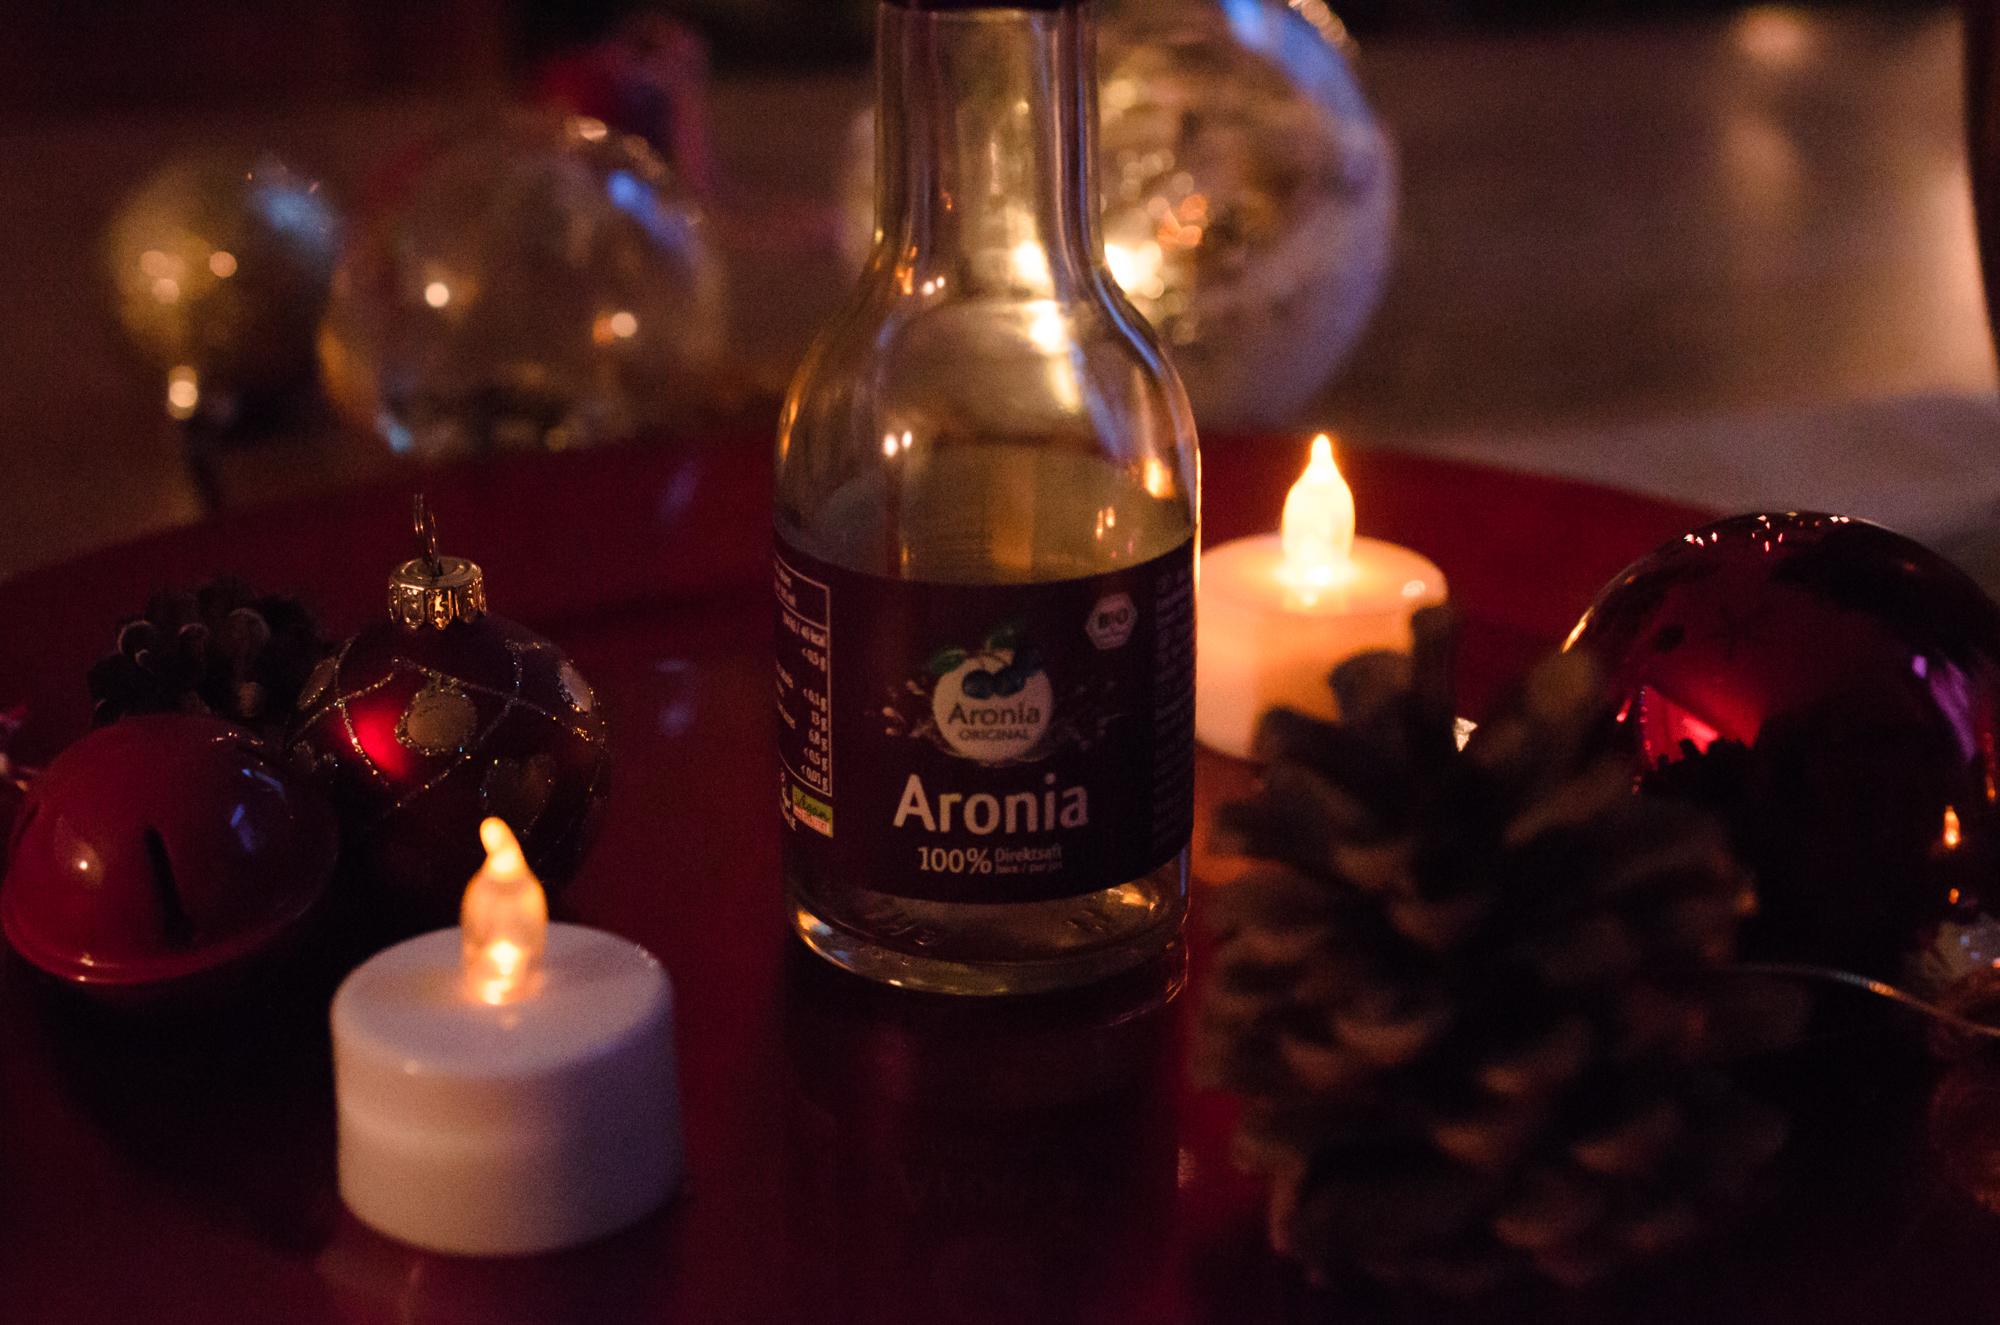 Aronia Original 100% Pure Aronia Juice